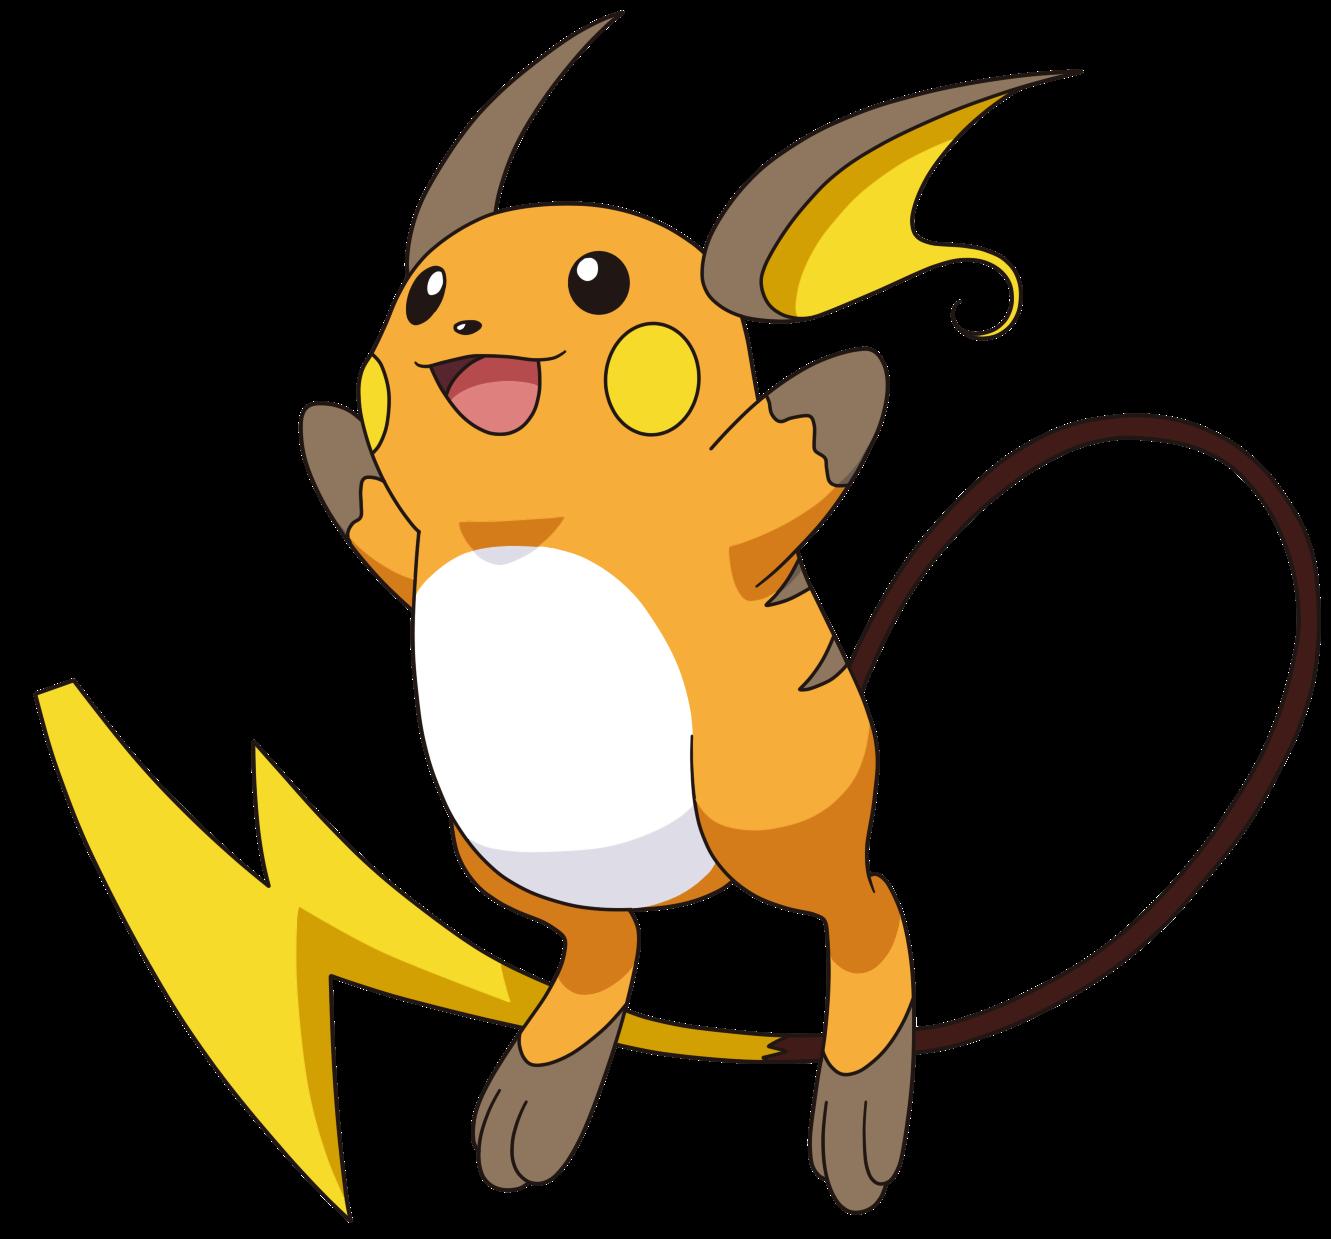 Pokemon Female Raichu Images | Pokemon Images